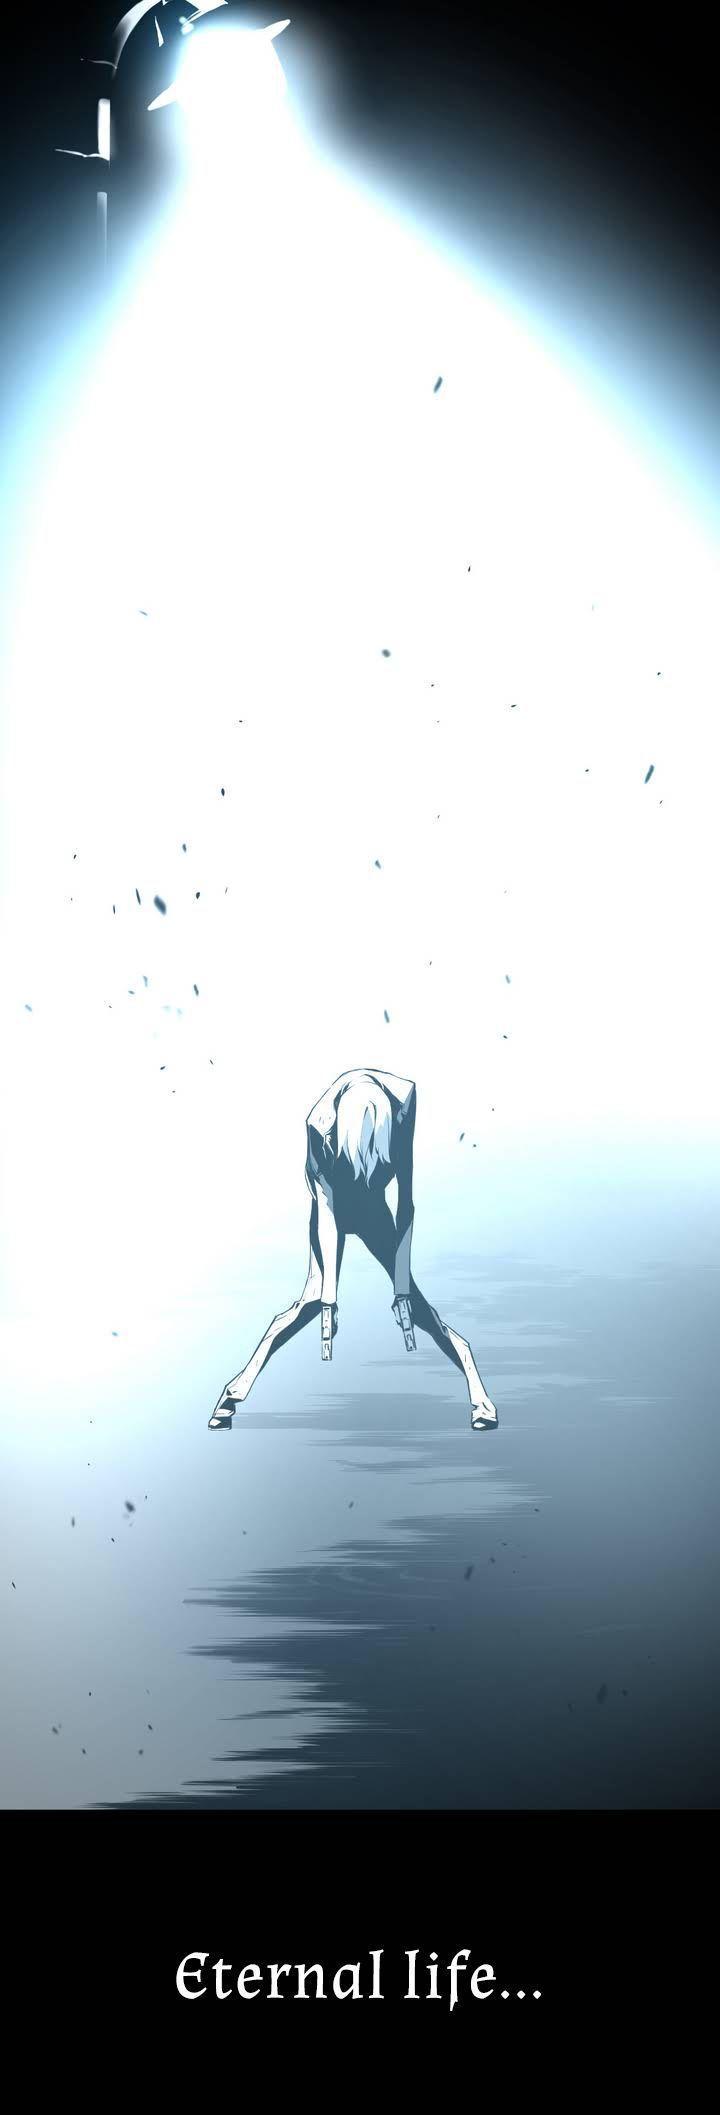 Phantasmal Tale under the Moonlight http://ift.tt/2sMoNv1